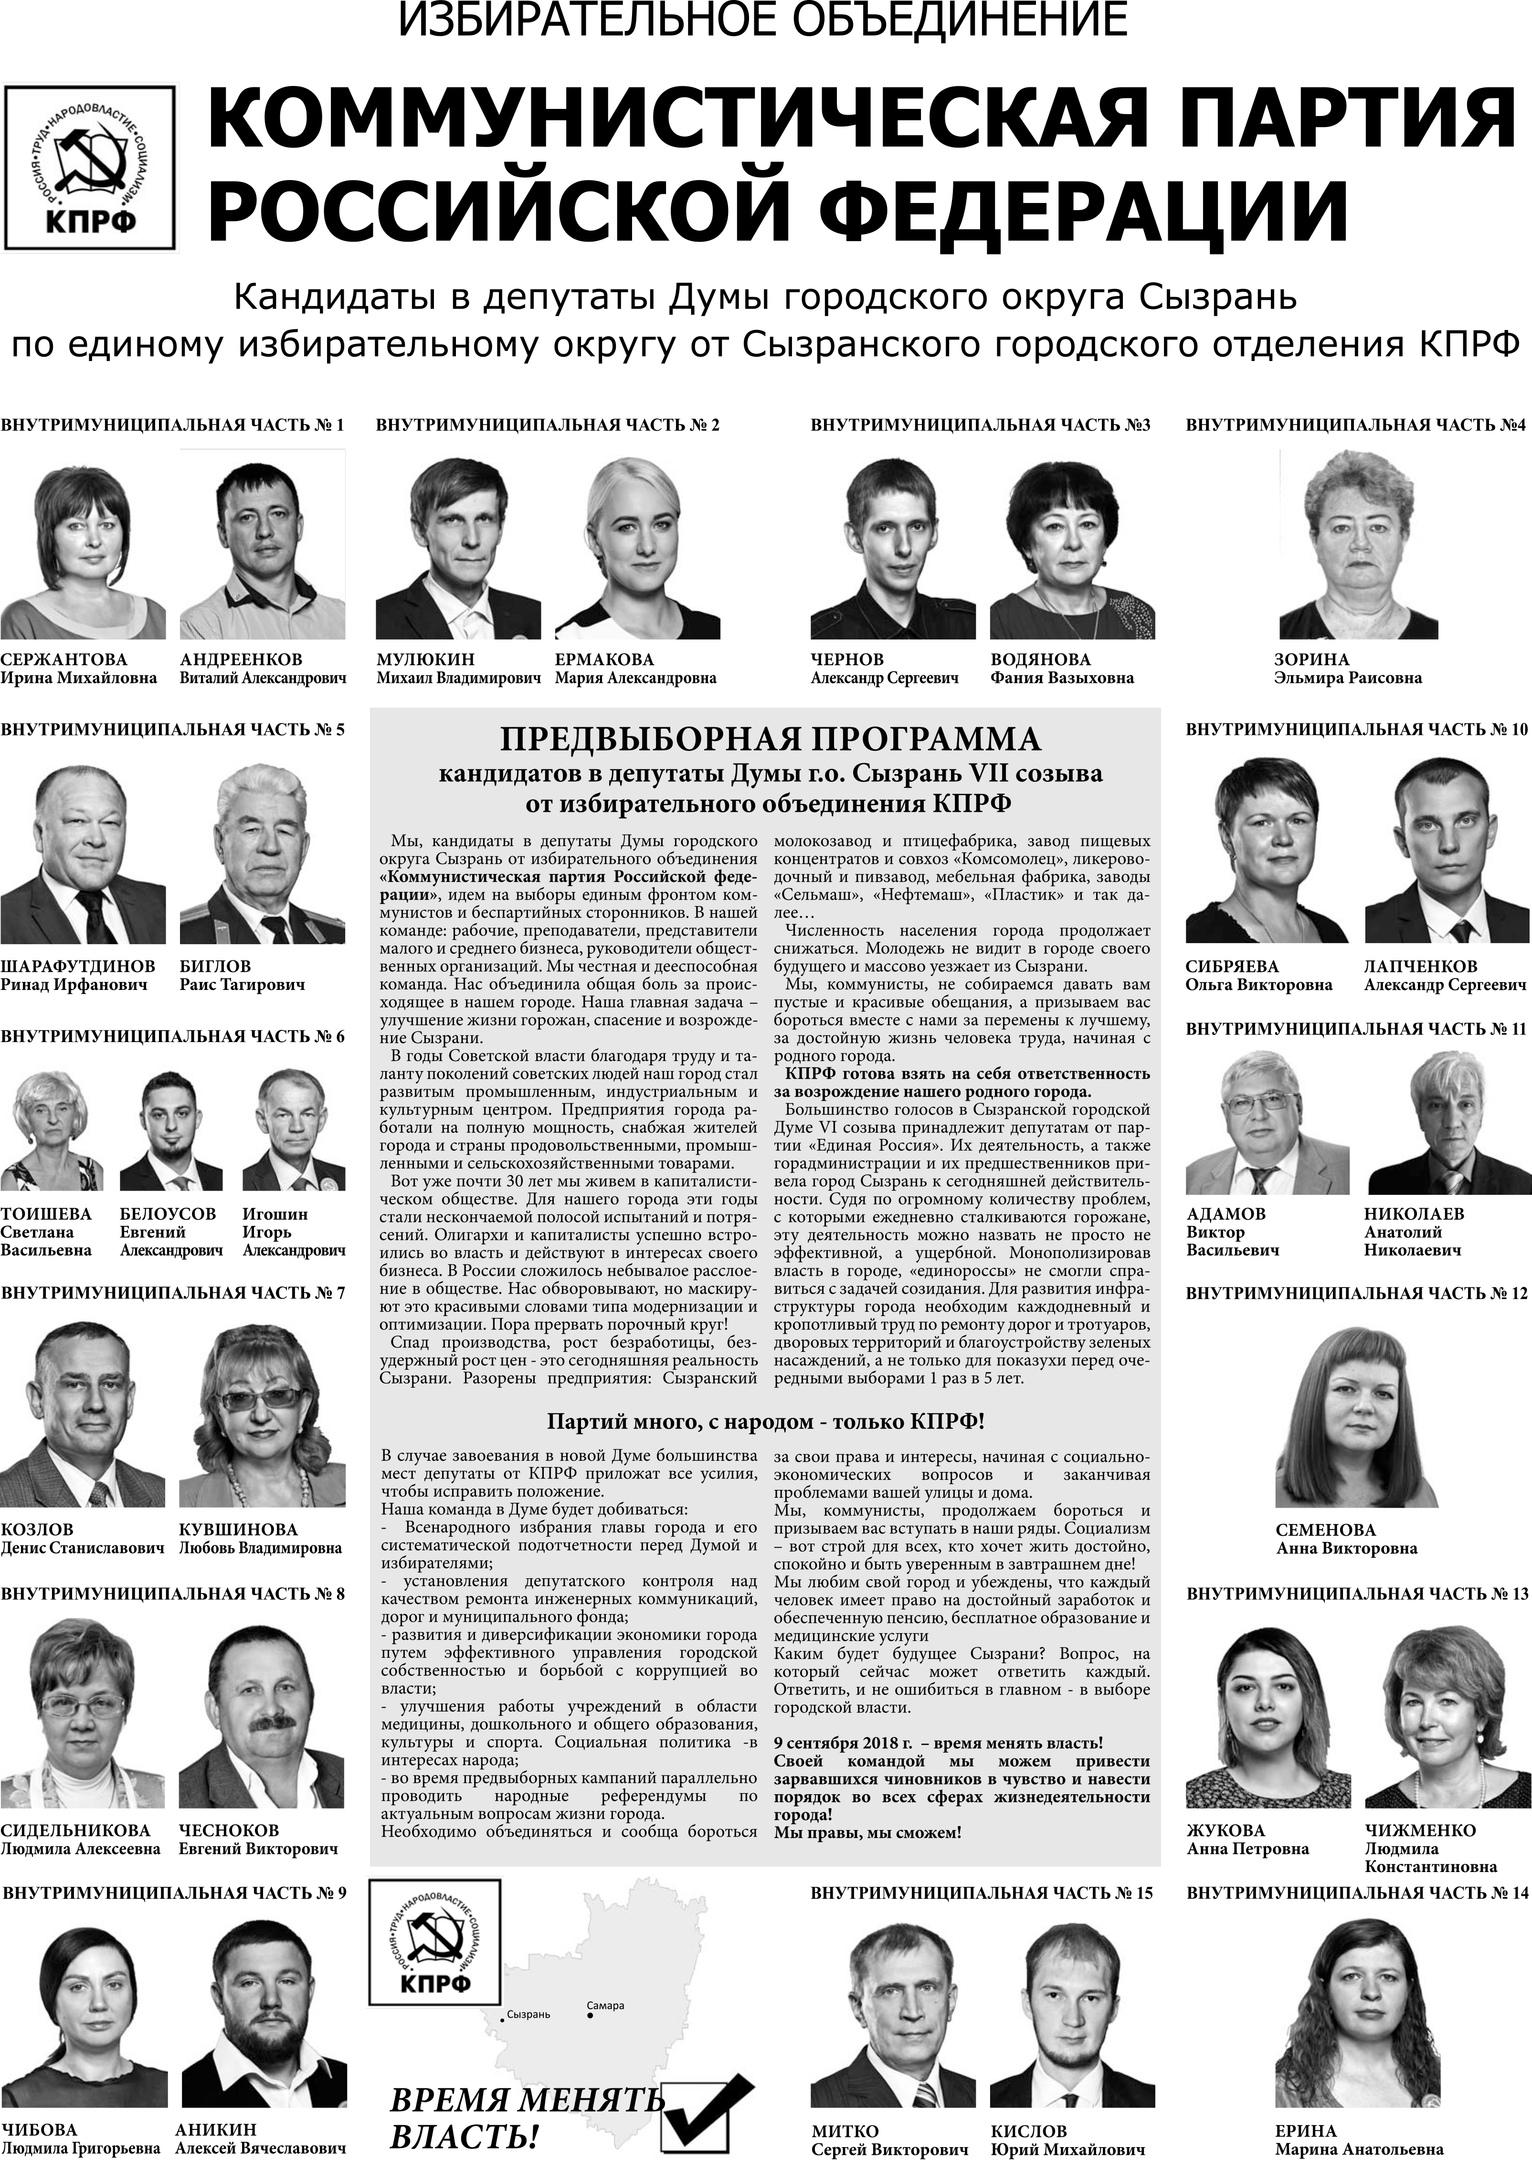 Сызрань КПРФ предвыборная программа